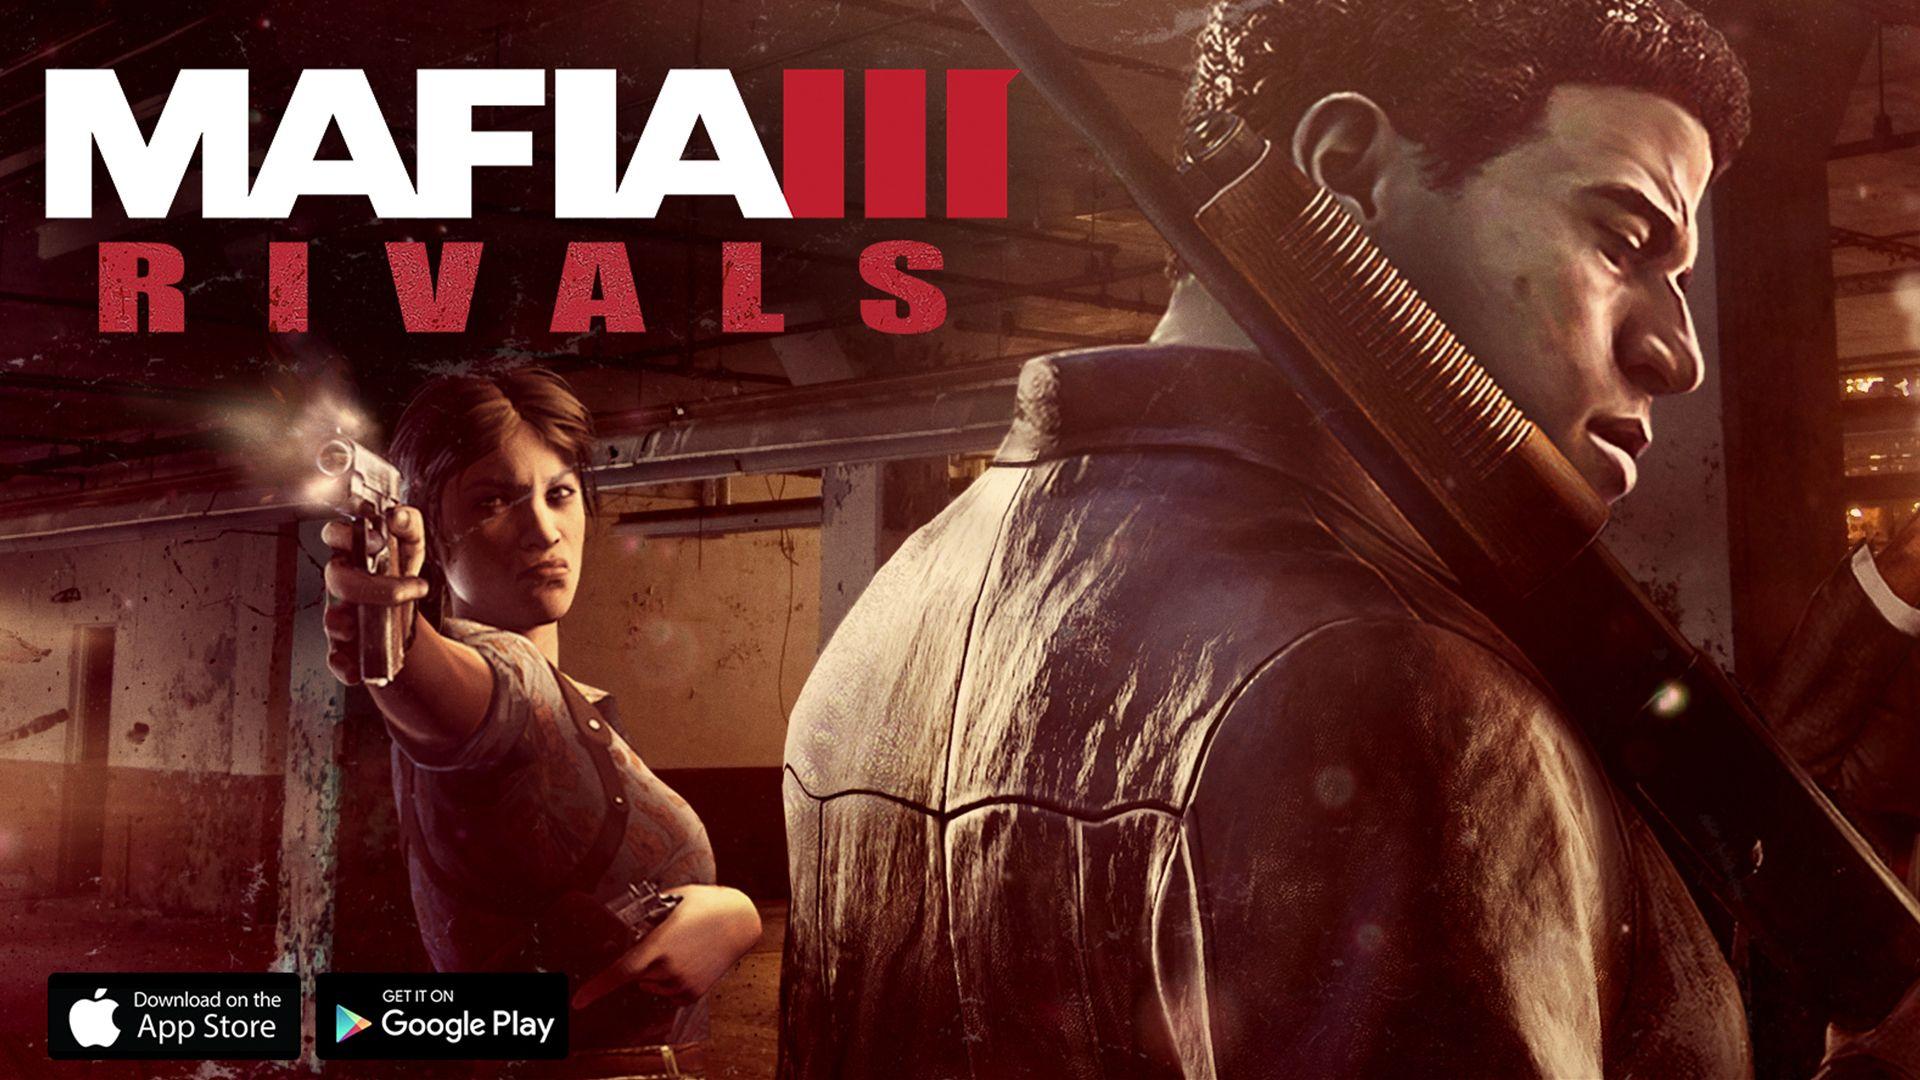 Mafia 3 rivals apk